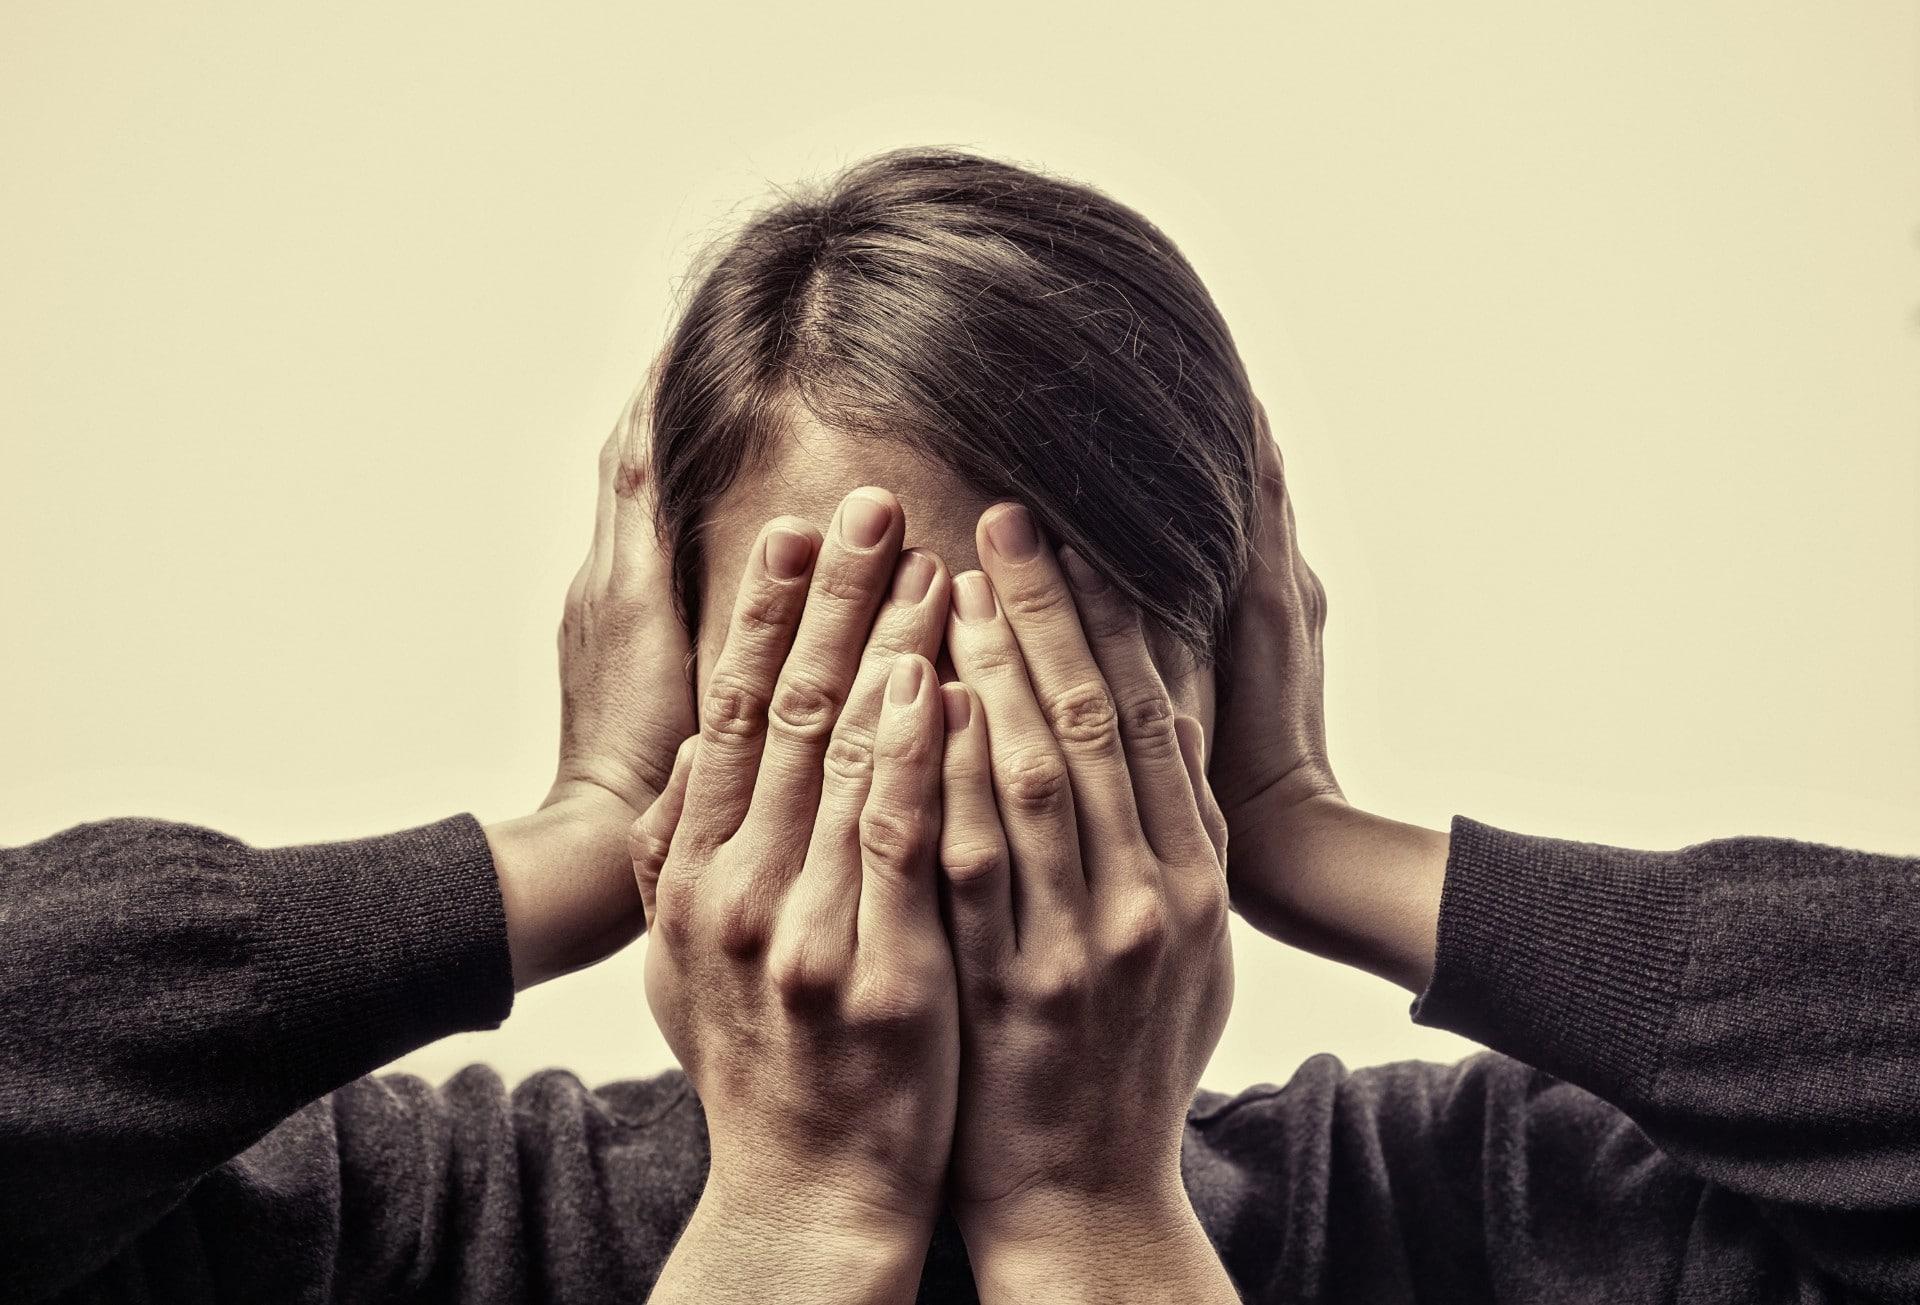 מניסיון לירוני: 4 שלבים להתמודדת עם התקופה הזאת